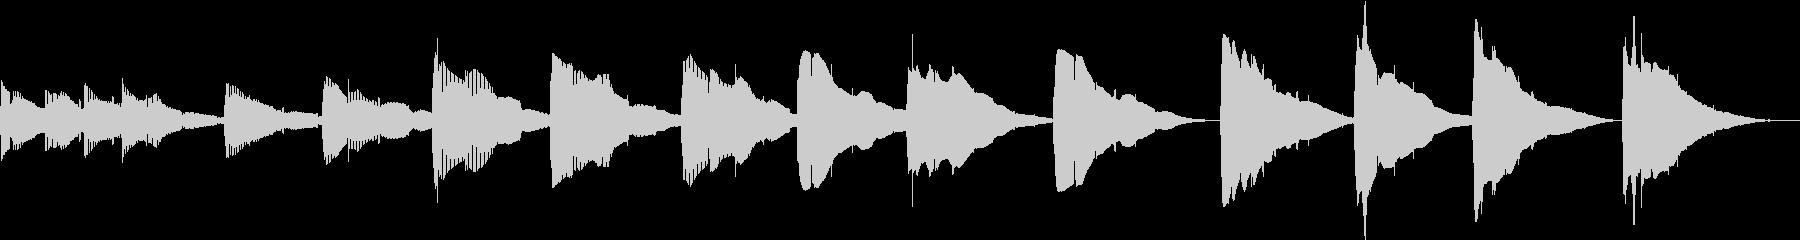 潜んでいるトーンベースの未再生の波形